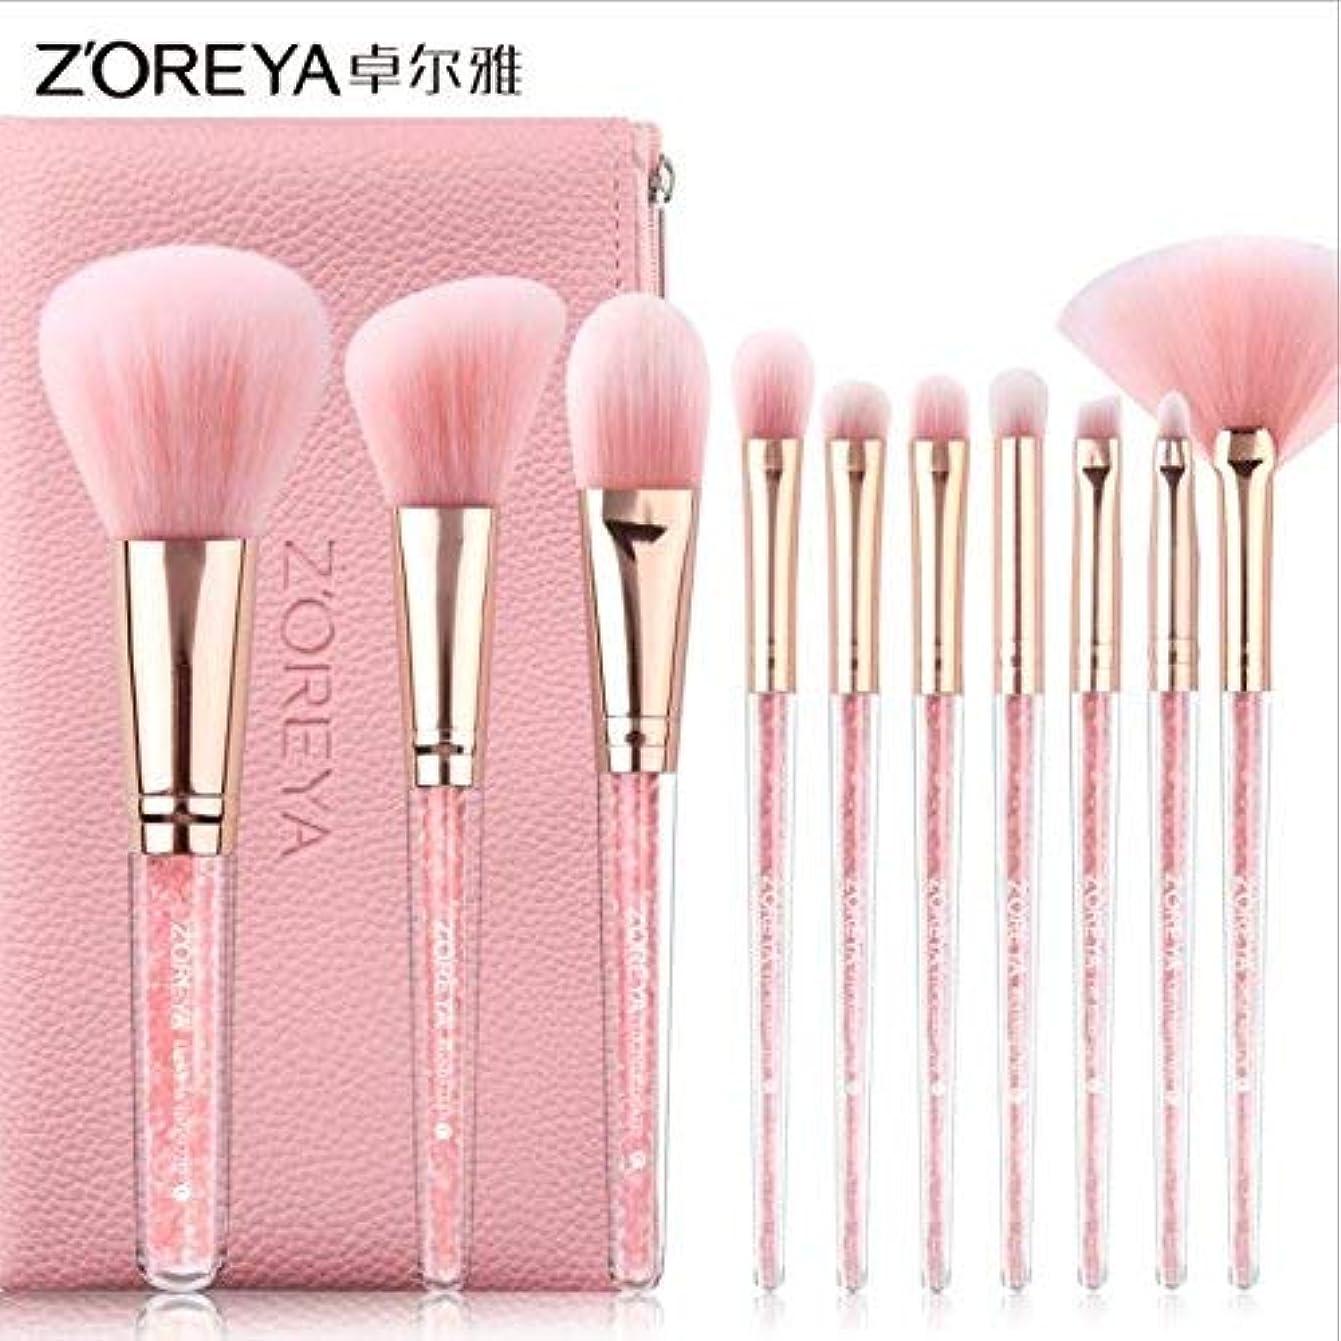 遠洋の出発する喜んで化粧ブラシセット 化粧筆 メイクブラシセット 10本セット+洗濯板 コスメ ブラシ 専用の化粧ポーチ付き、携帯便利、女性への贈り物  (pink)